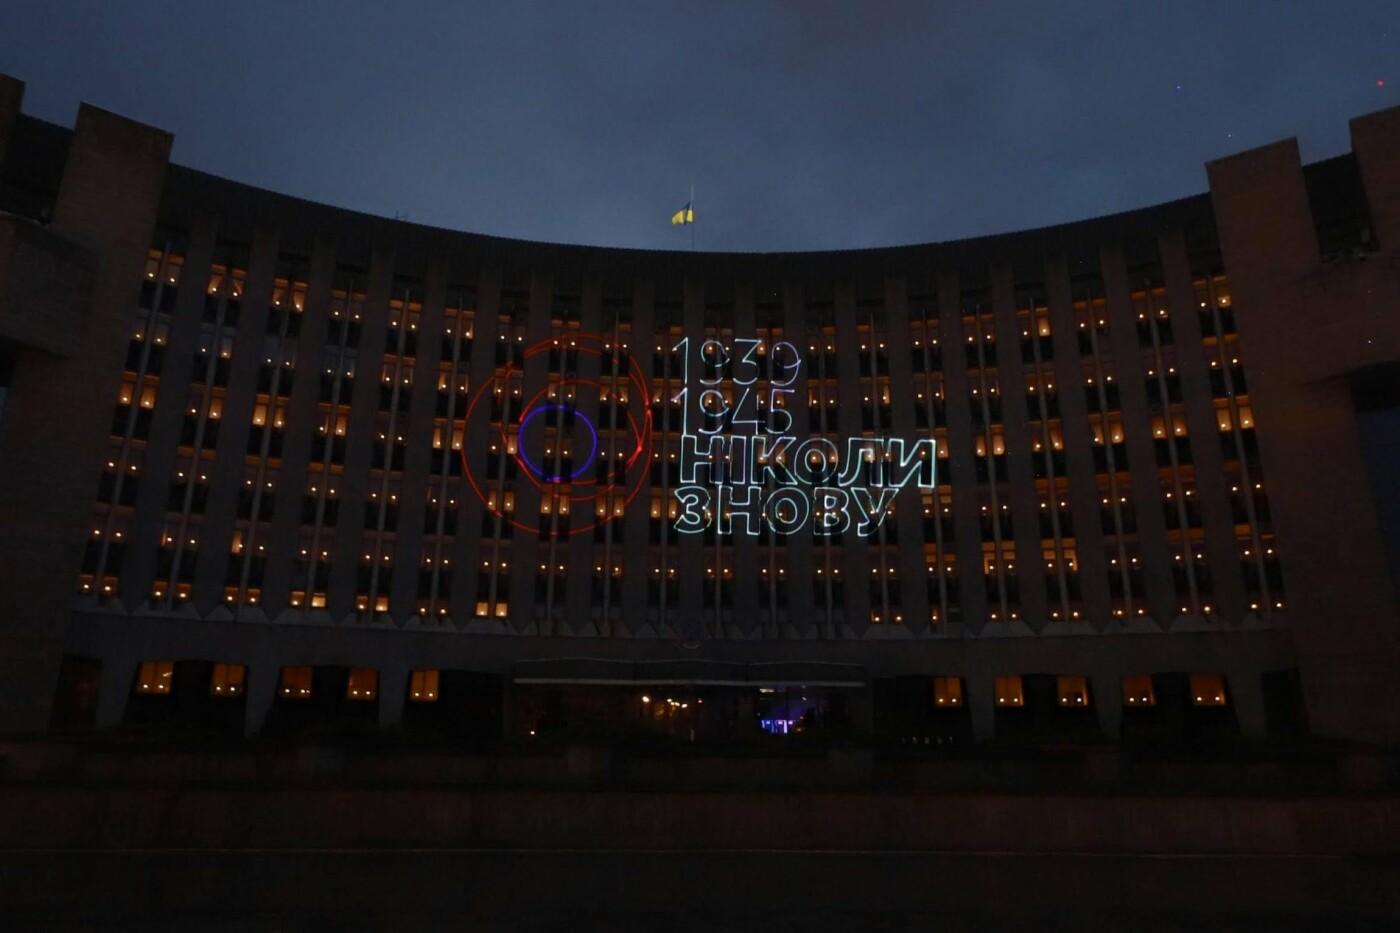 В Днепре на здании горсовета транслировали лазерную проекцию с именами героев, - ФОТО, фото-2